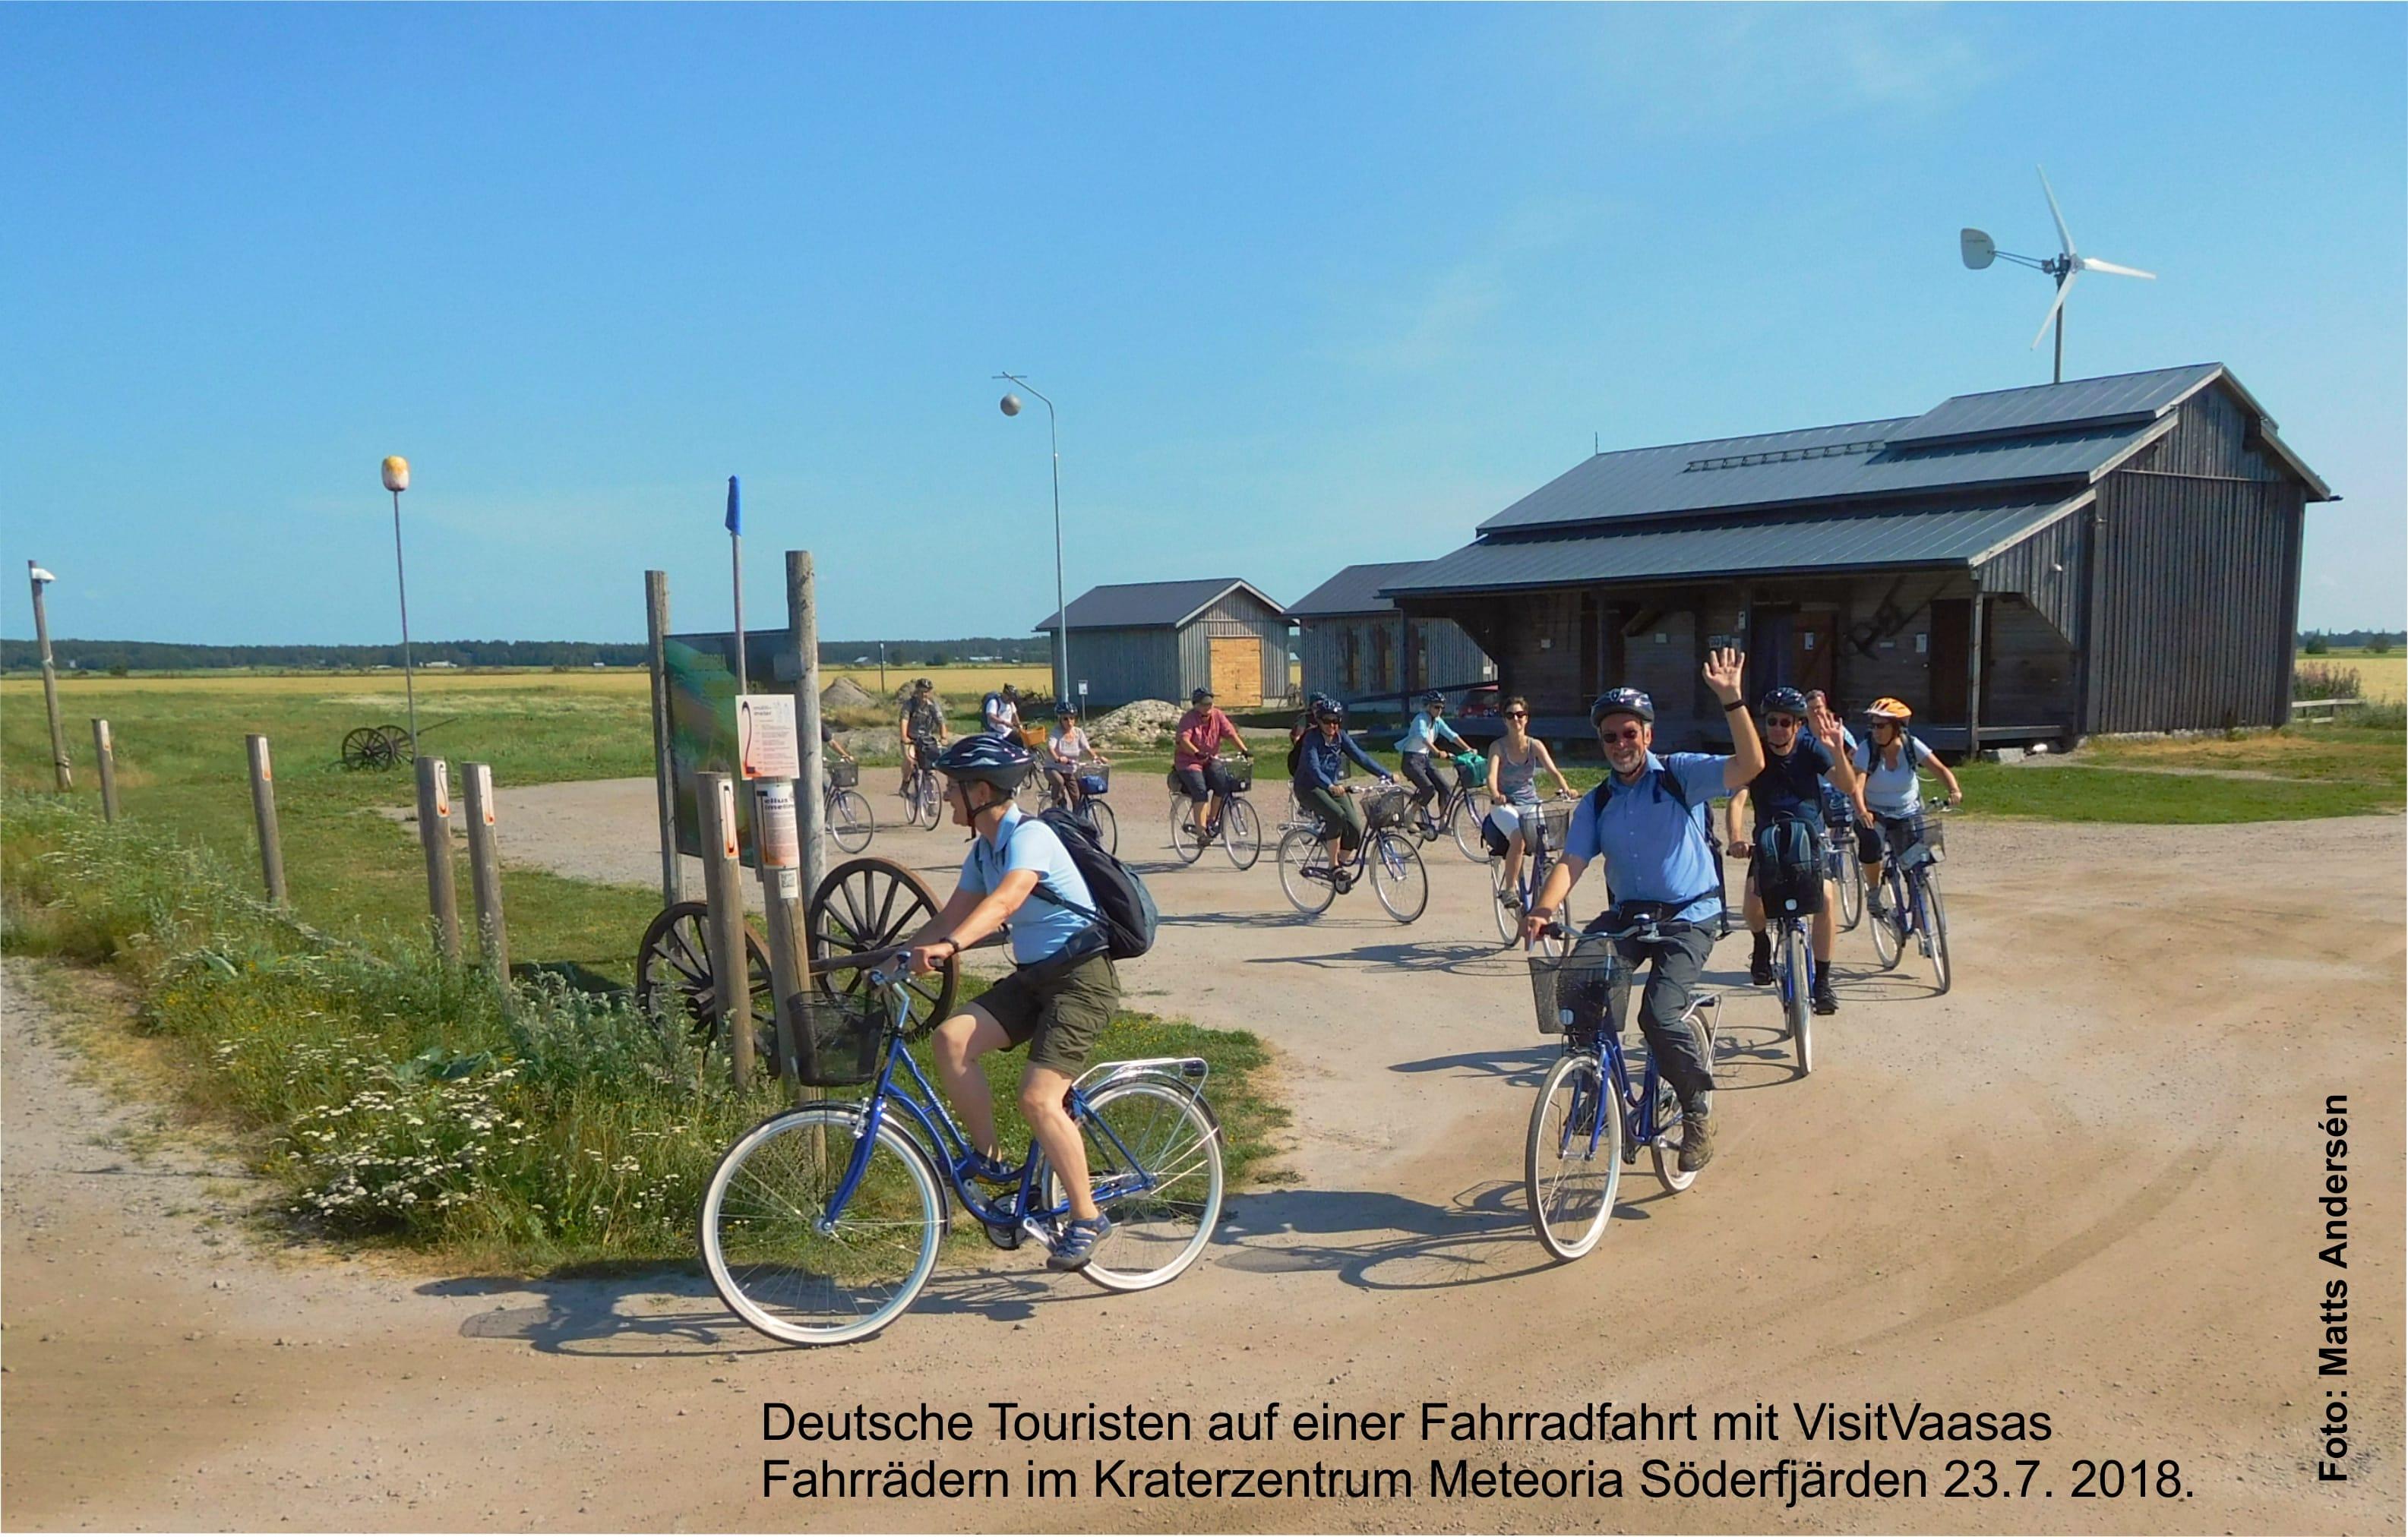 Deutsche Touristen auf einer Fahrradfahrt im Kraterzentrum Meteoria Söderfjärden 23.7. 2018. Foto M. A.jpg